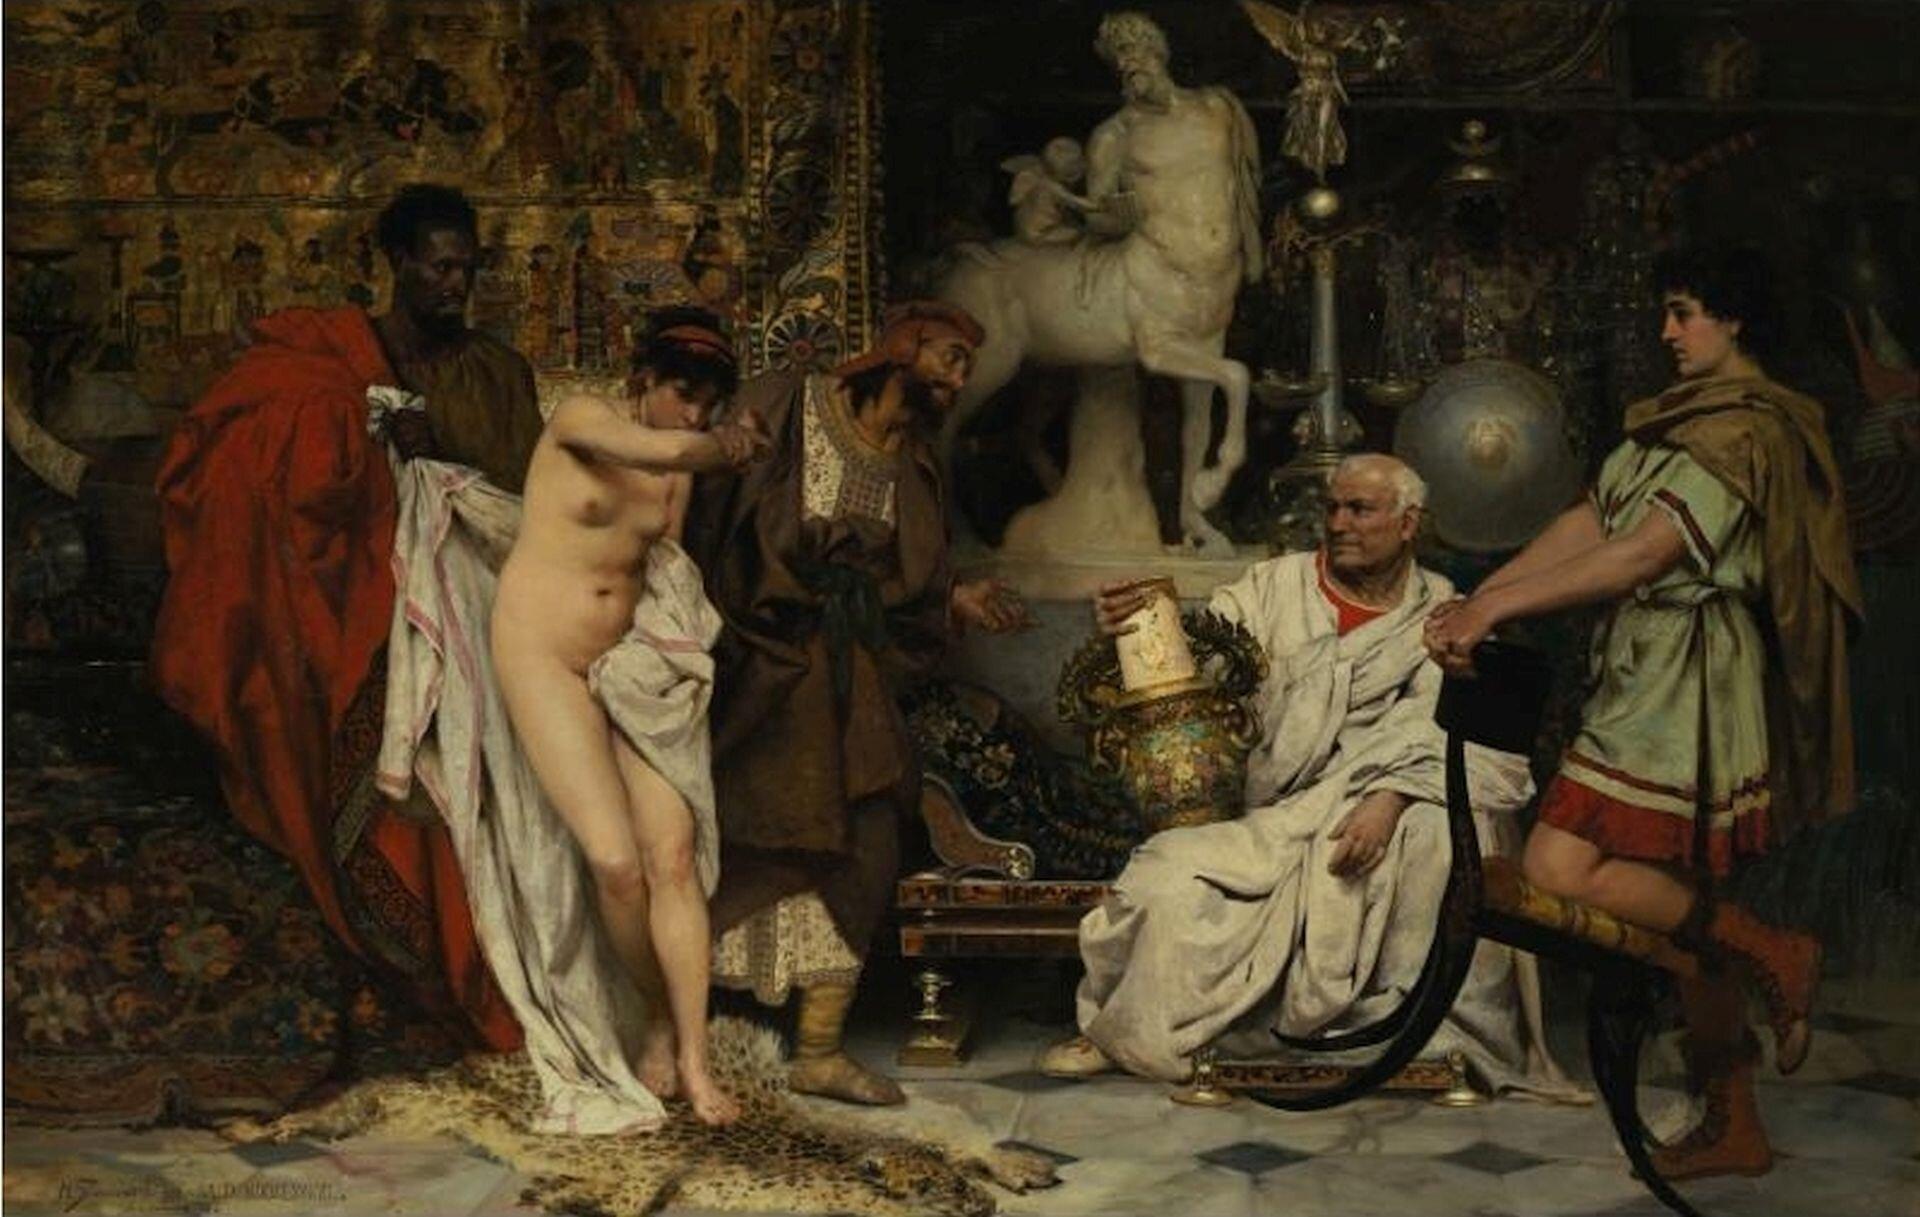 """Obraz autorstwa Henryka Siemieradzkiego pod tytułem """"Wazon czy kobieta"""" przedstawia grupę osób przebywającą wbogato zdobionej sali. Wpomieszczeniu znajduje się półnaga kobieta próbująca zakryć swoją twarz. Obok niej stoją czarnoskórzy handlarze próbujący sprzedać niewolnicę . Przygląda się jej siedzący bogaty Rzymianin. Wręku trzyma on bogato zdobiony wazon. Na kobietę patrzy też młody mężczyzna, który stoi opierając się okrzesło."""